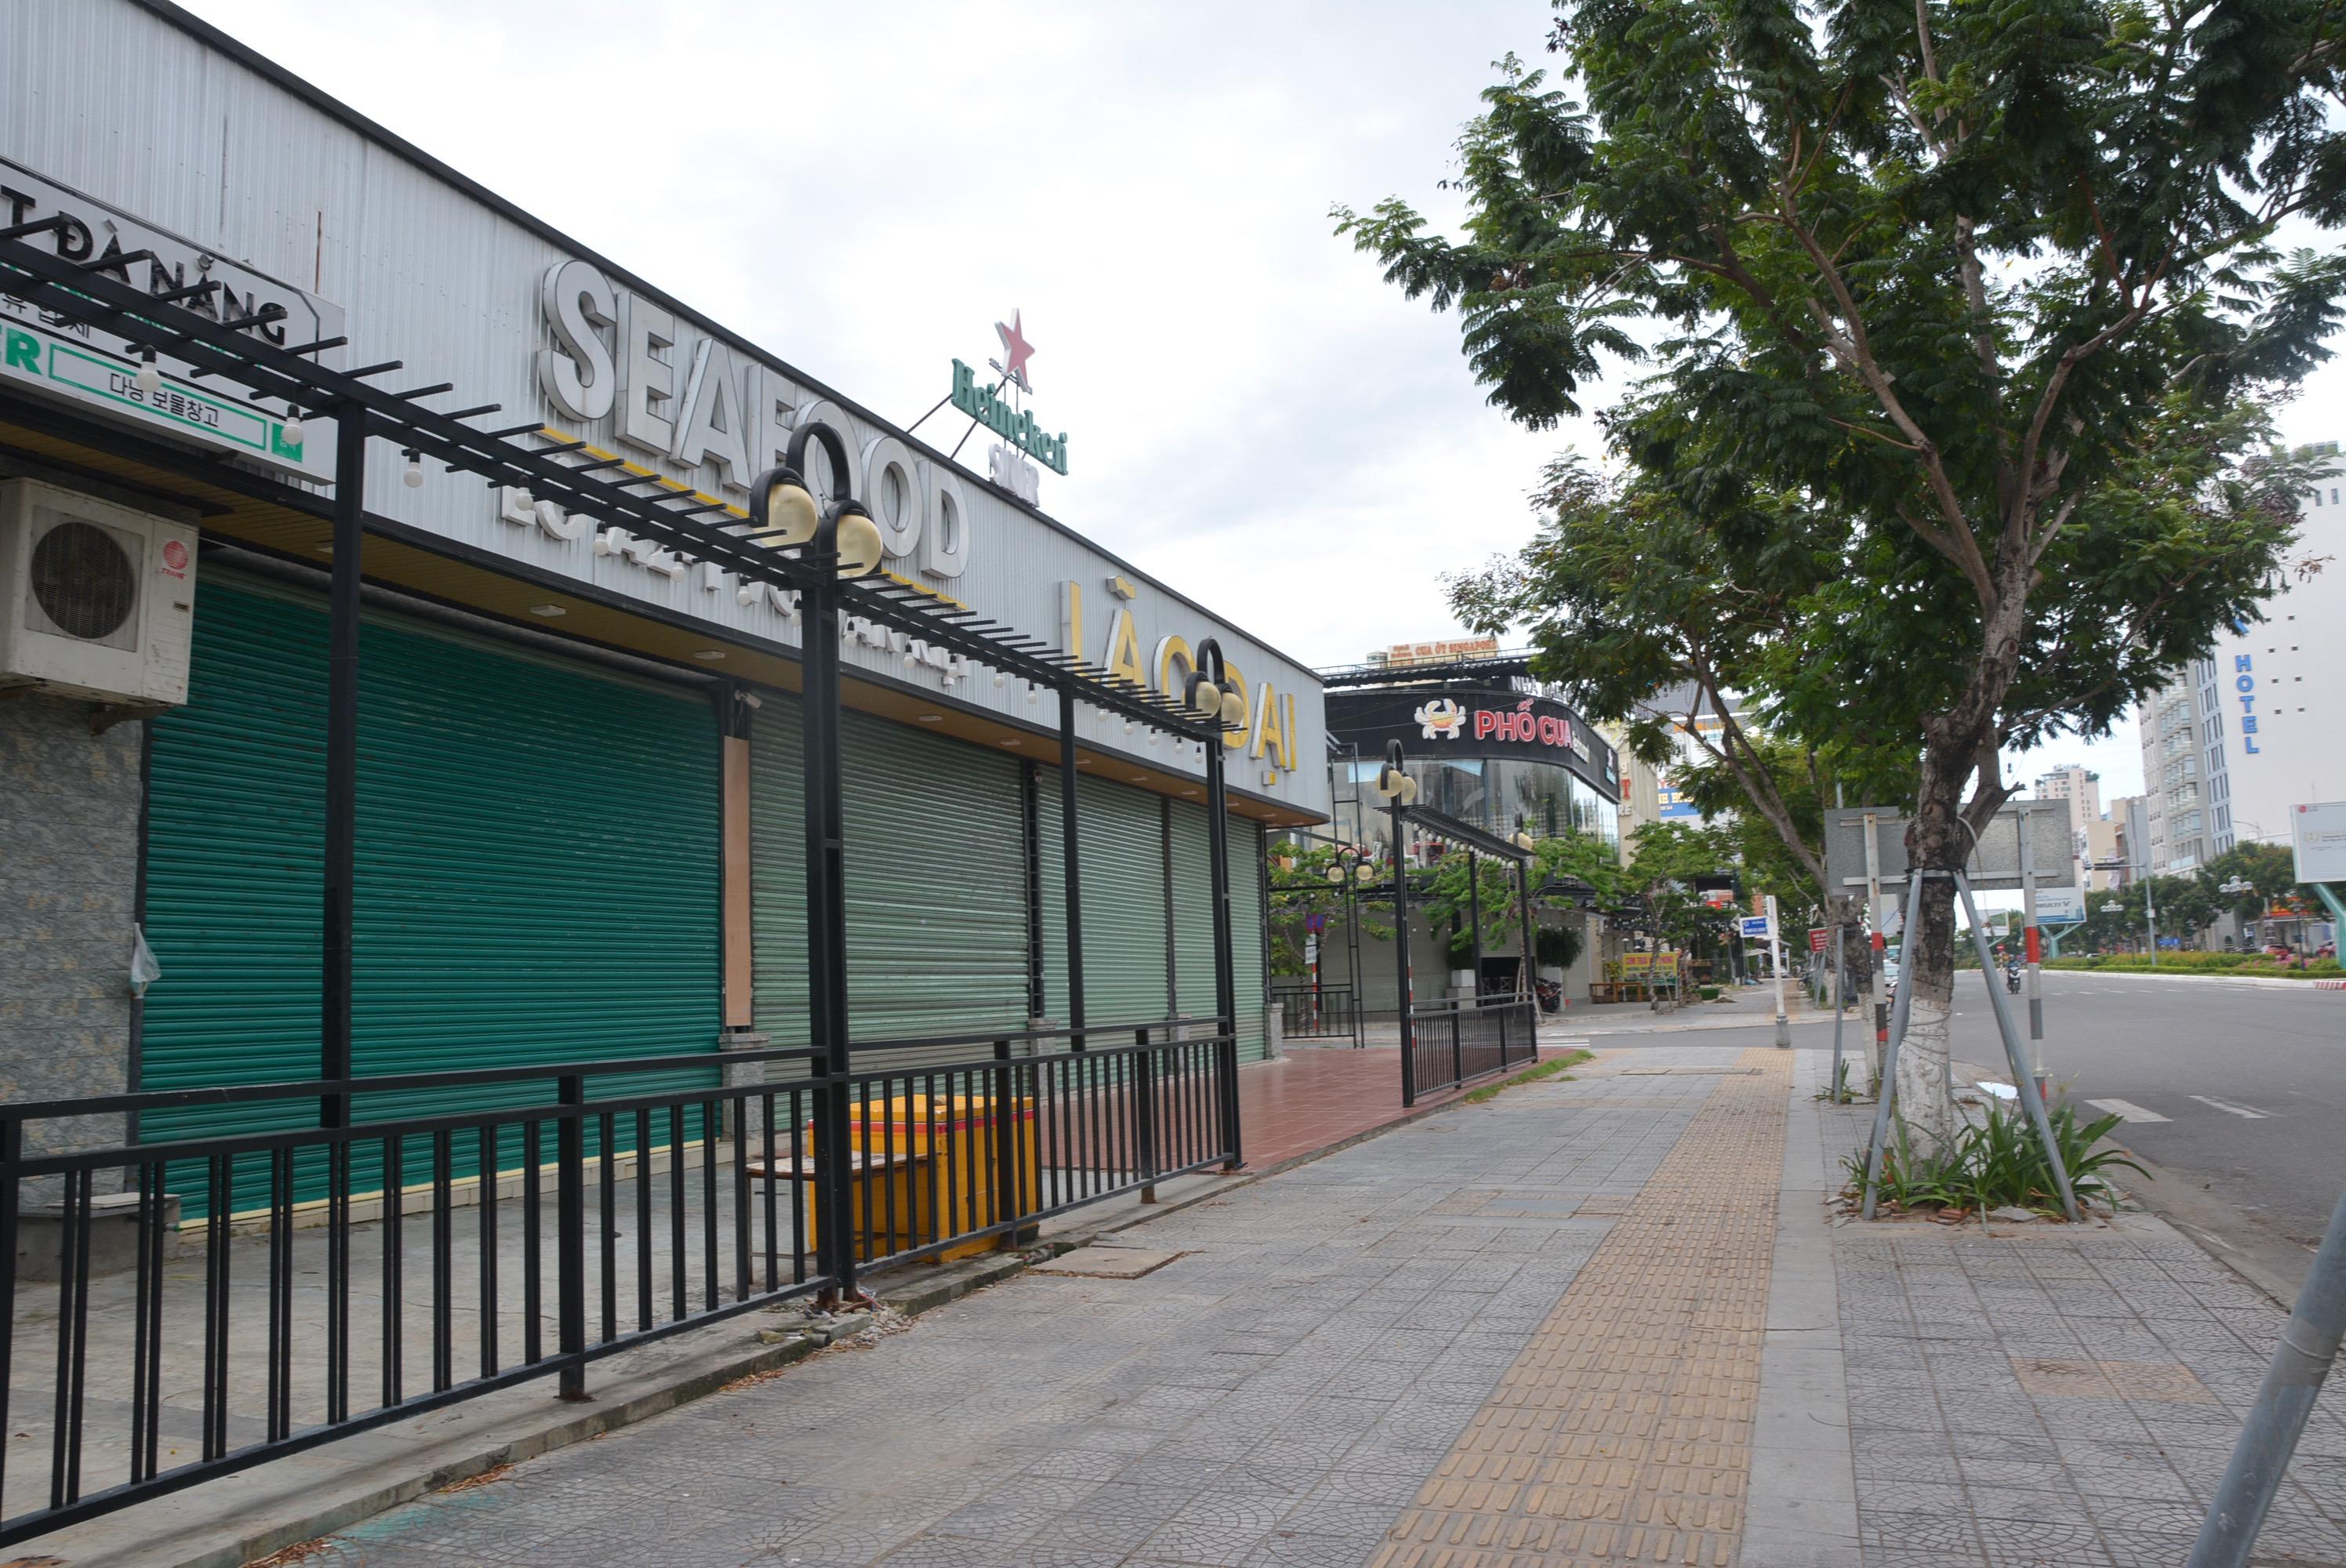 Hàng quán Đà Nẵng sau hơn một tháng giãn cách vì dịch COVID-19 - Ảnh 19.